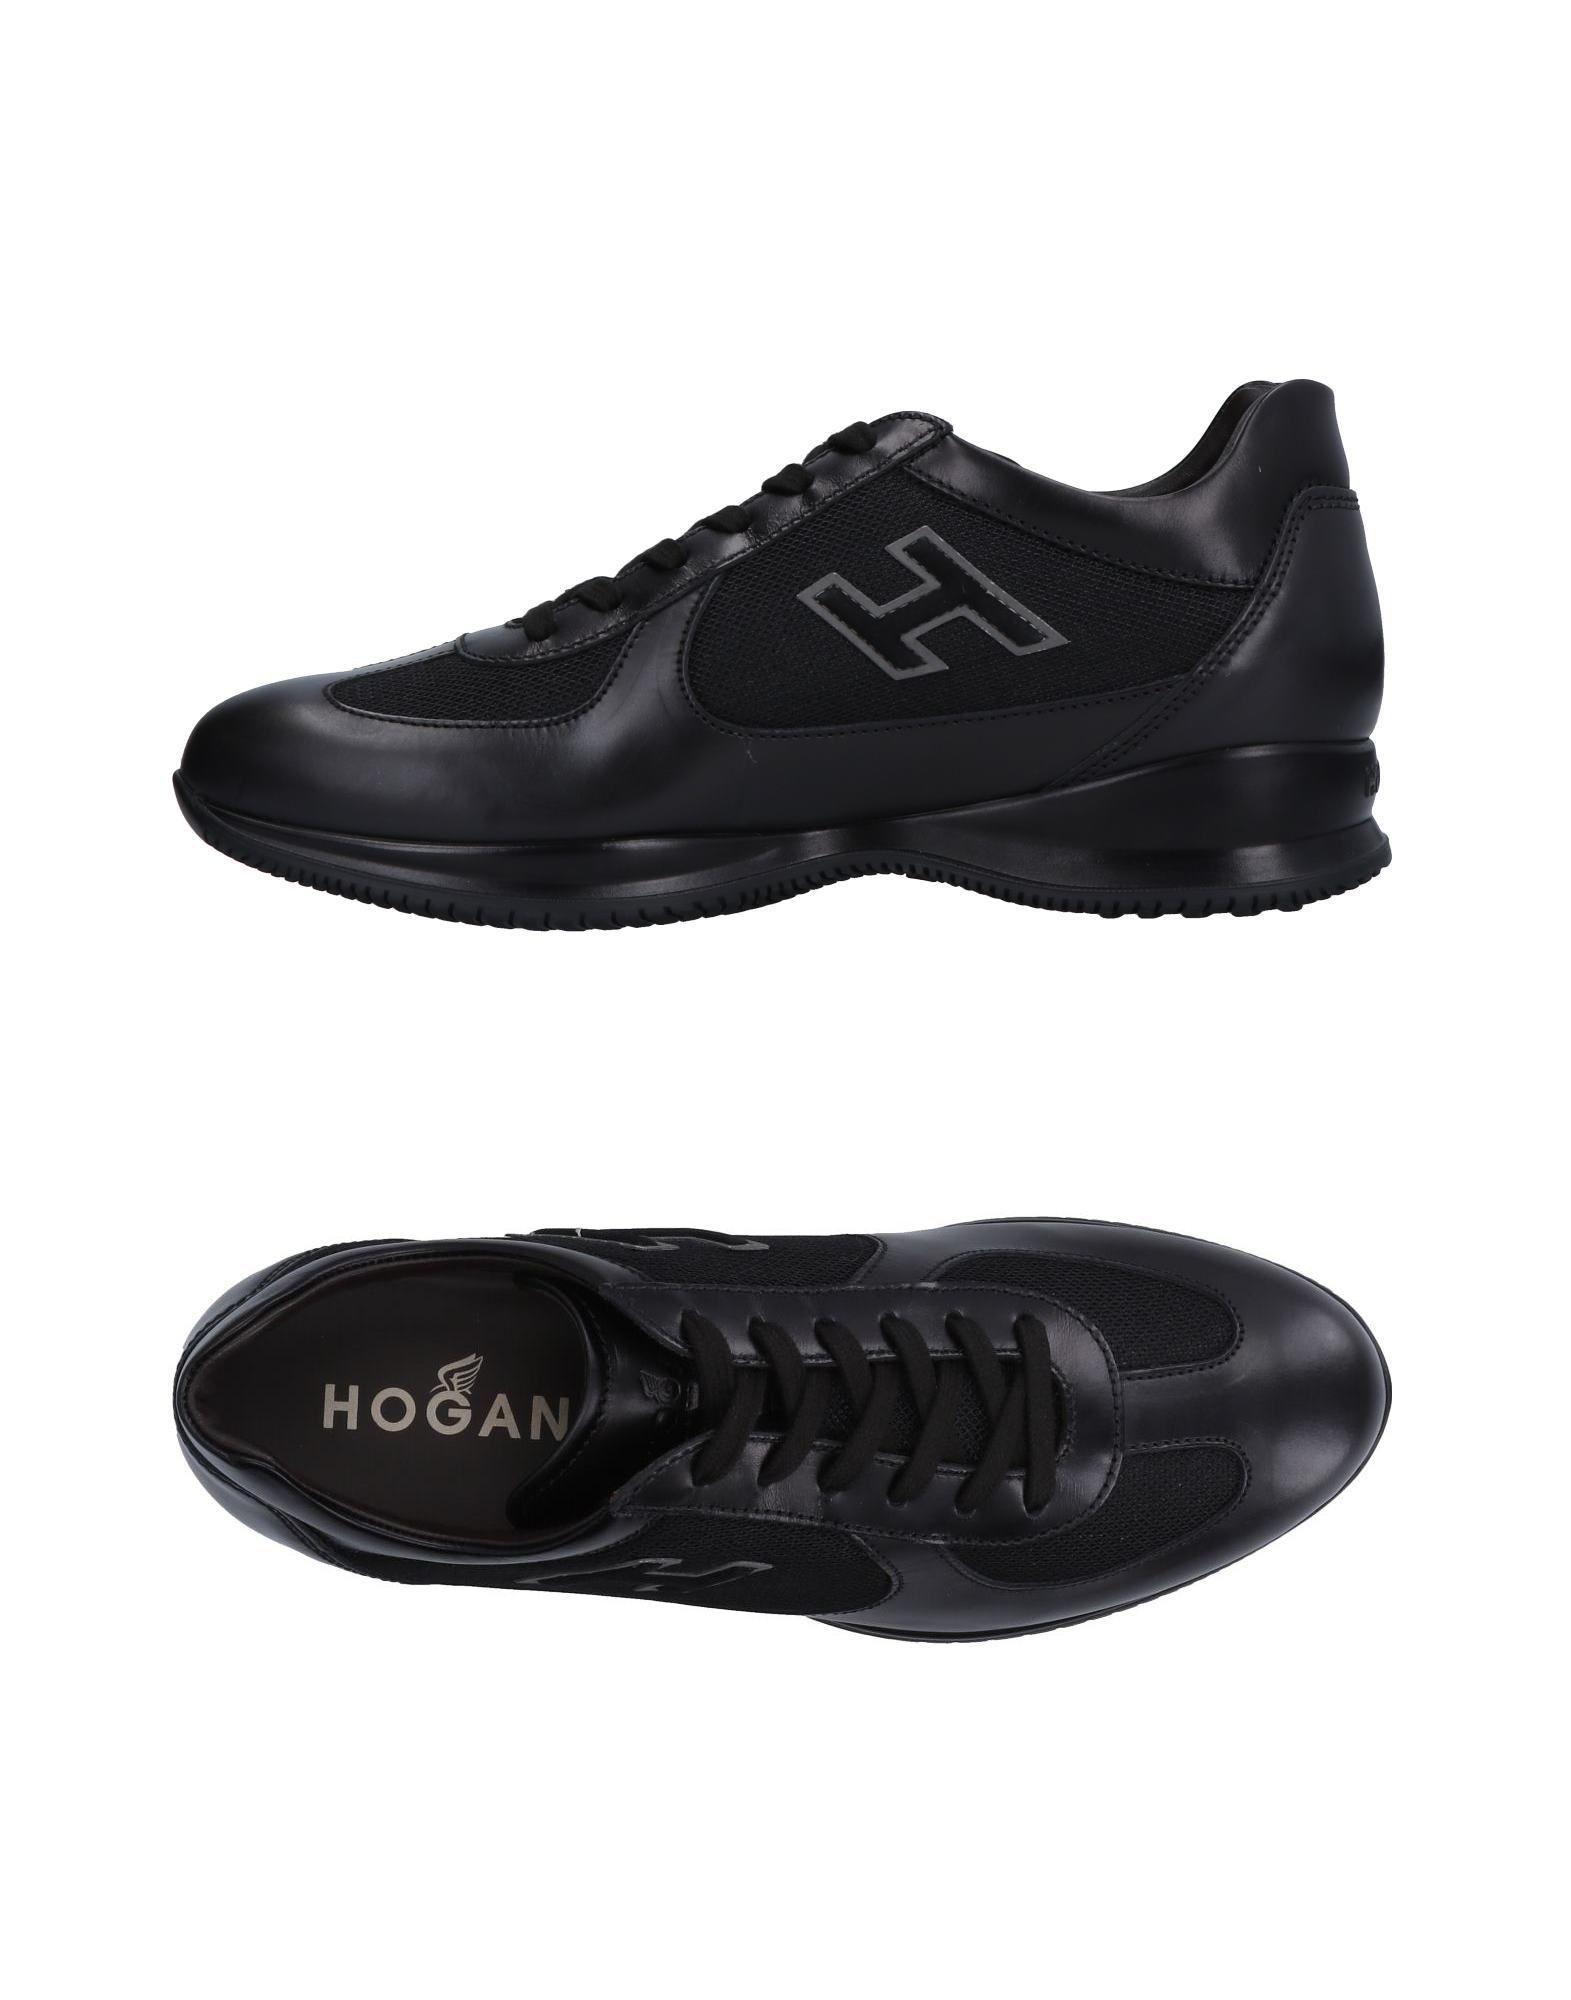 Hogan Uomo - 11518654PT